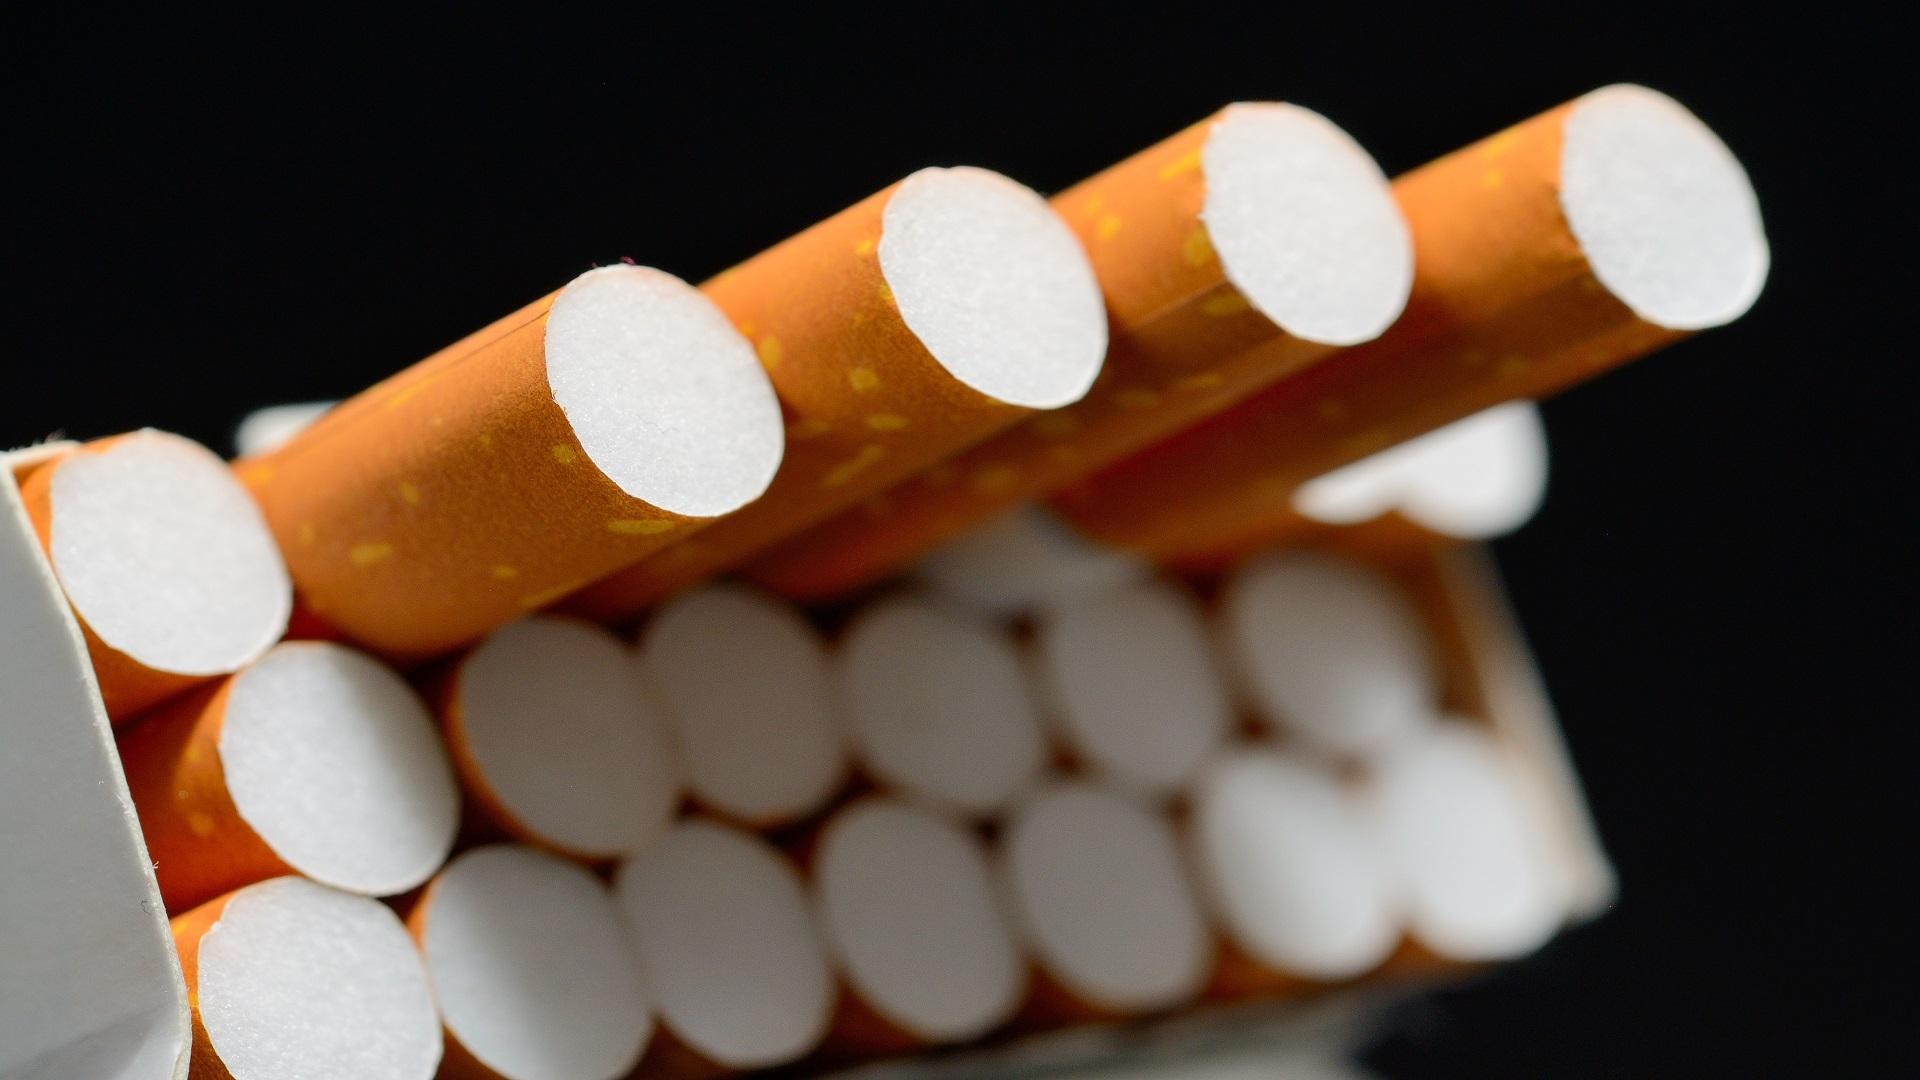 Купить сигареты дешево тверь оптово купить сигареты